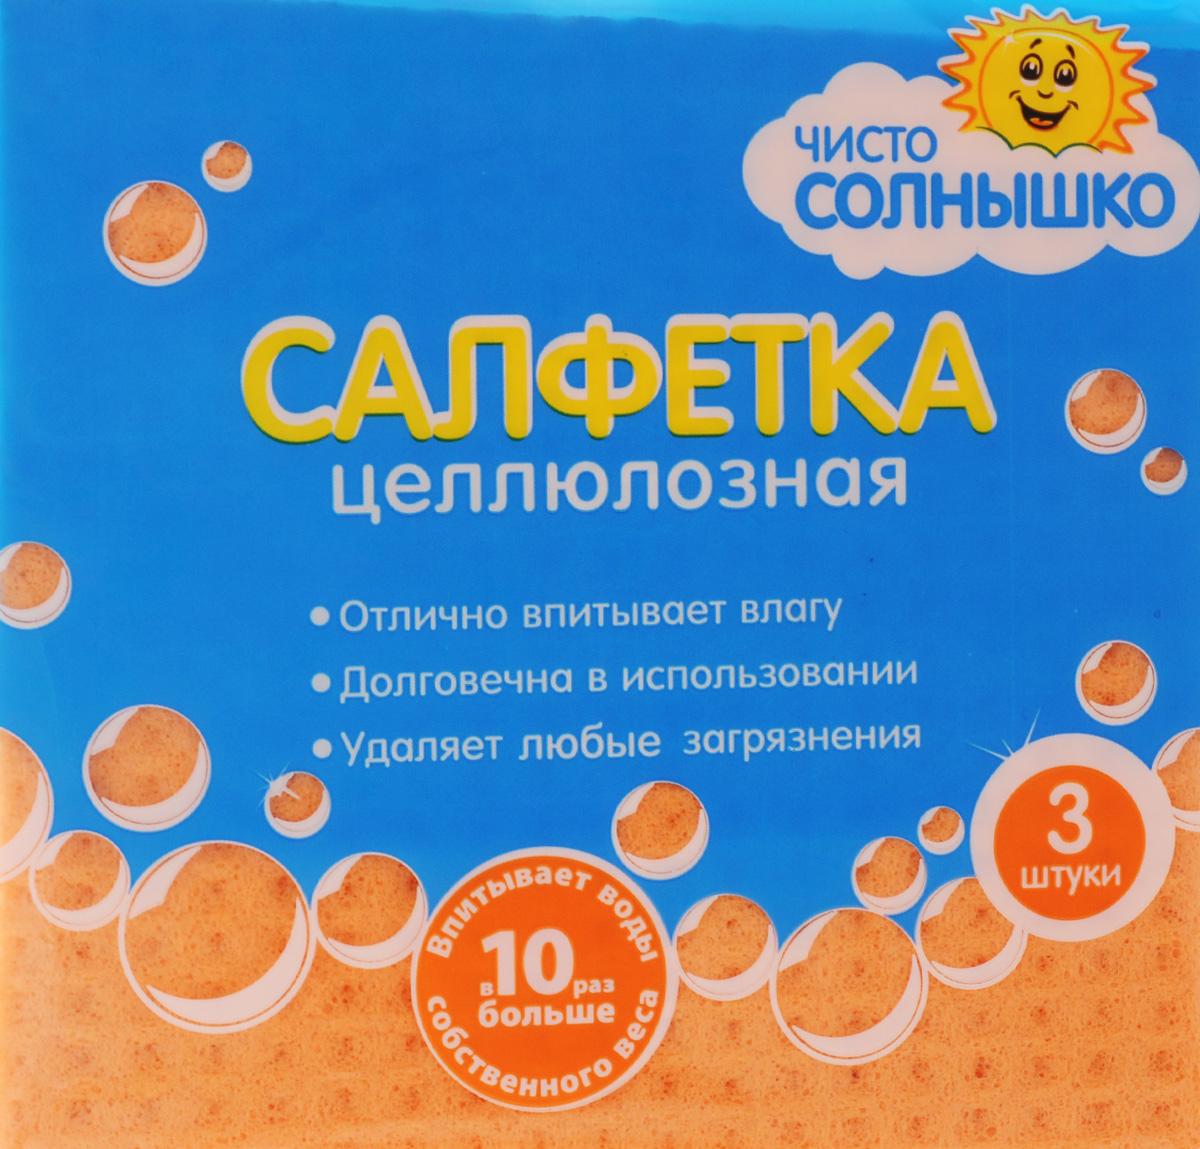 Салфетка Чисто Солнышко из целлюлозы, 14 x 15 см, 3 штЧС 1.4Салфетки для уборки Чисто Солнышко выполнены из целлюлозы. Они превосходно впитывают влагу в10 раз больше собственного веса. Во влажном состоянии изделия мягкие и эластичные, при высыхании твердеют, что препятствует размножению бактерий и возникновению неприятных запахов. Рекомендации по применению: Перед использованием намочить салфетку в воде и отжать. Для продления срока службы после применения прополоскать в теплой воде. Хранить в сухом месте, вдали отопительных приборов и агрессивных сред. Беречь от воздействия прямого солнечного света.